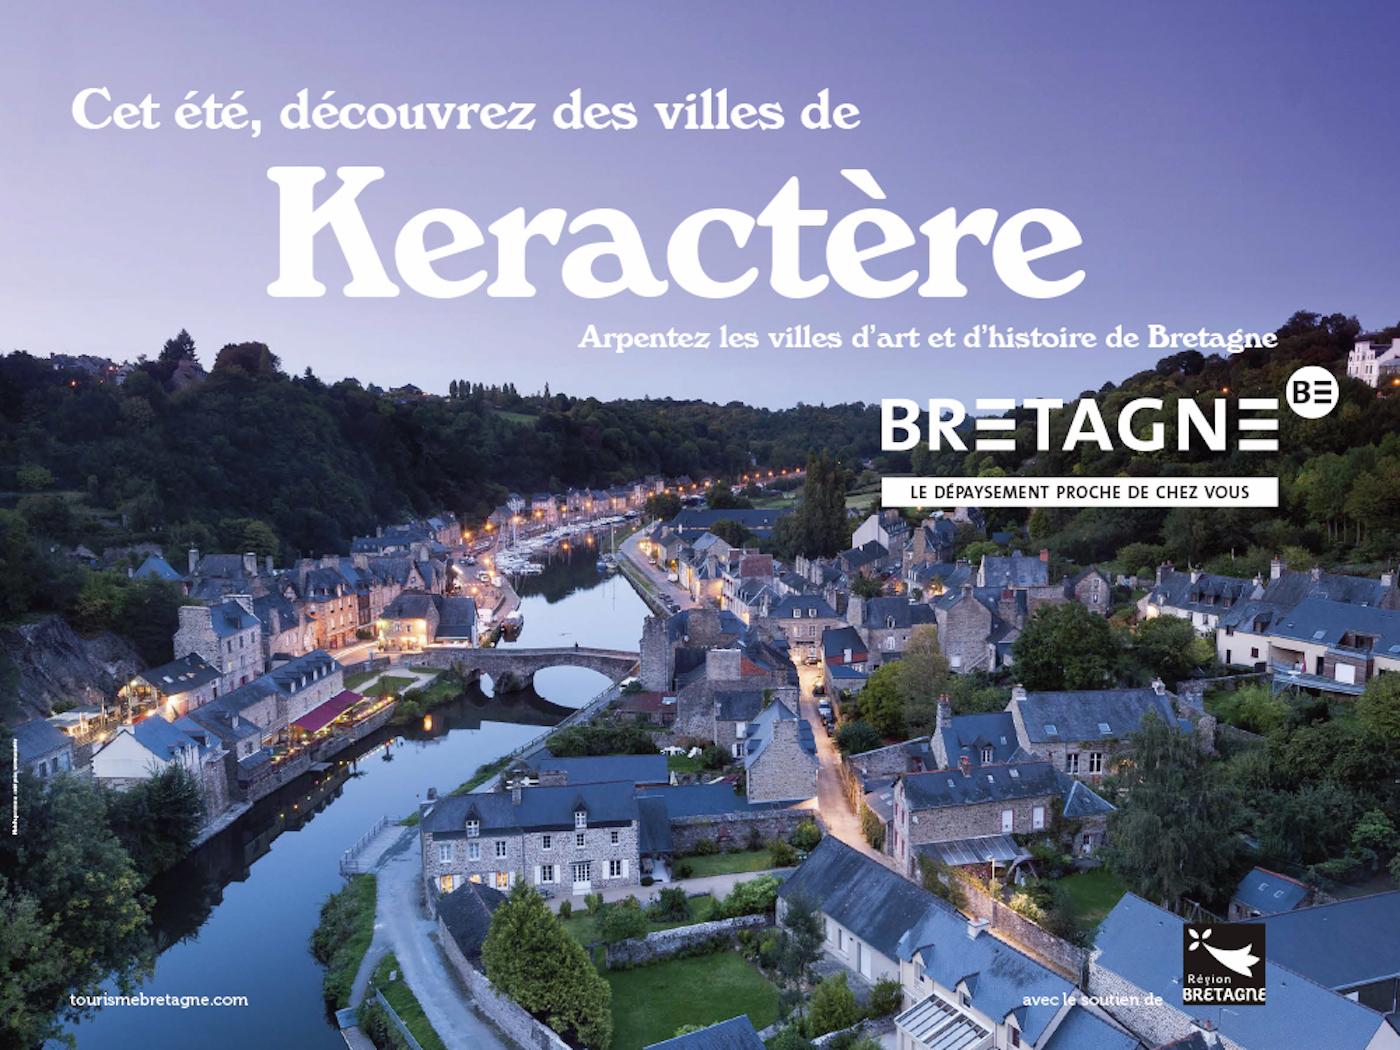 Keractère : la campagne de pub pour le tourisme en Bretagne